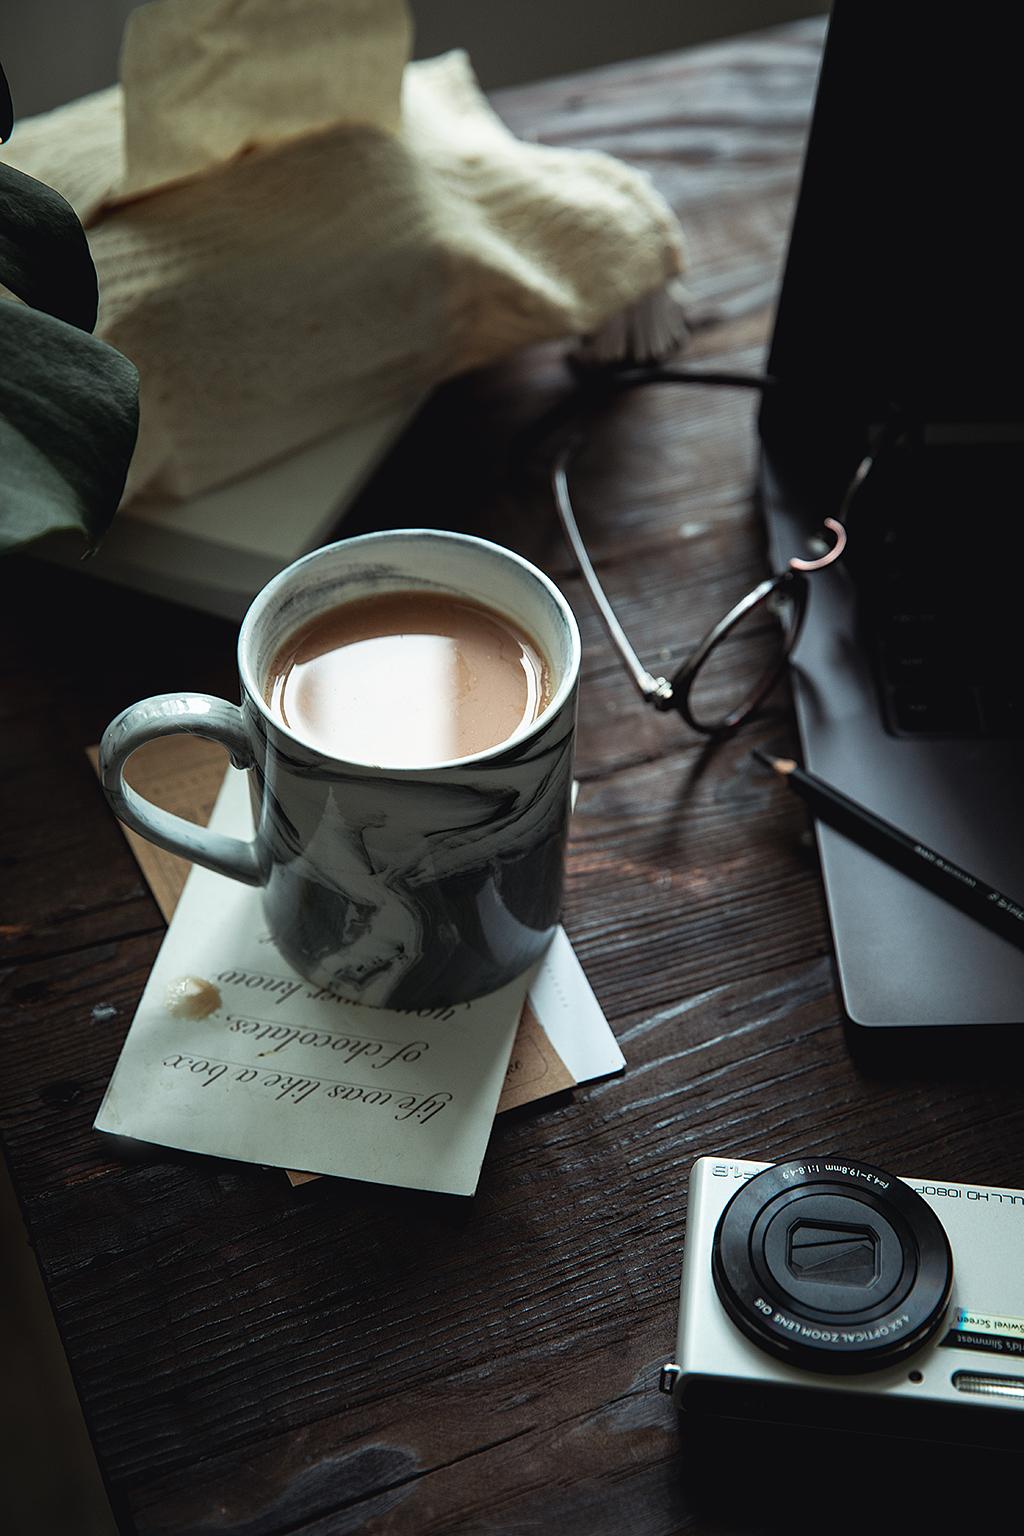 卡布奇诺奶茶。就是纯粹的卡布奇诺咖啡的味道